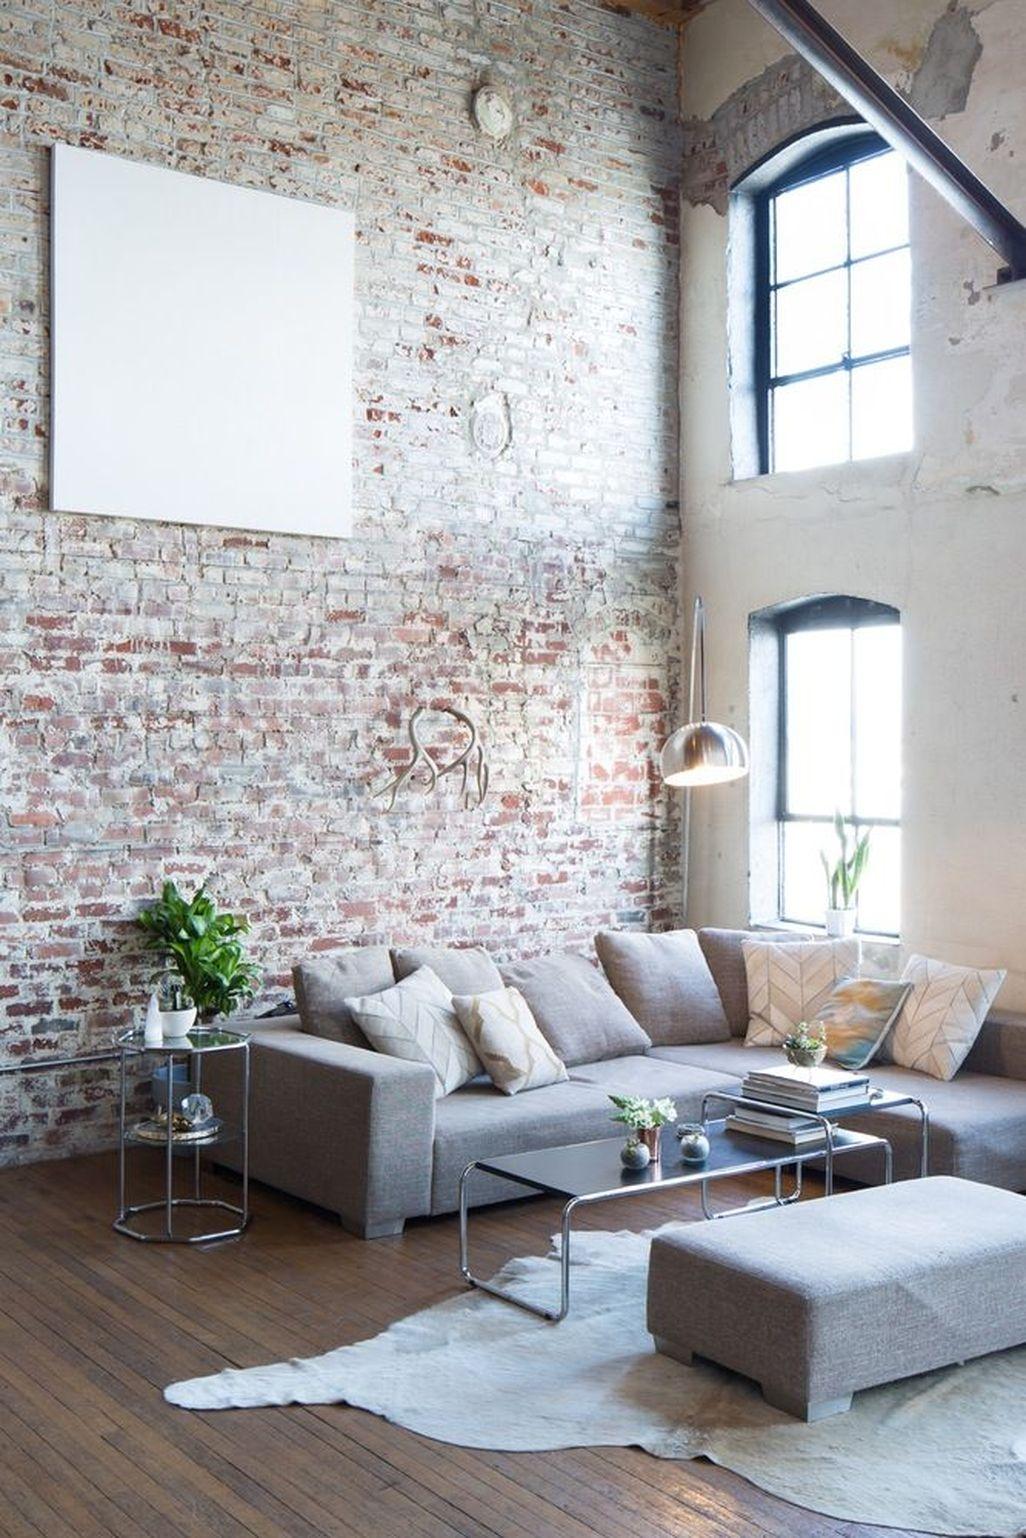 Elegant Exposed Brick Apartment Décor Ideas 08